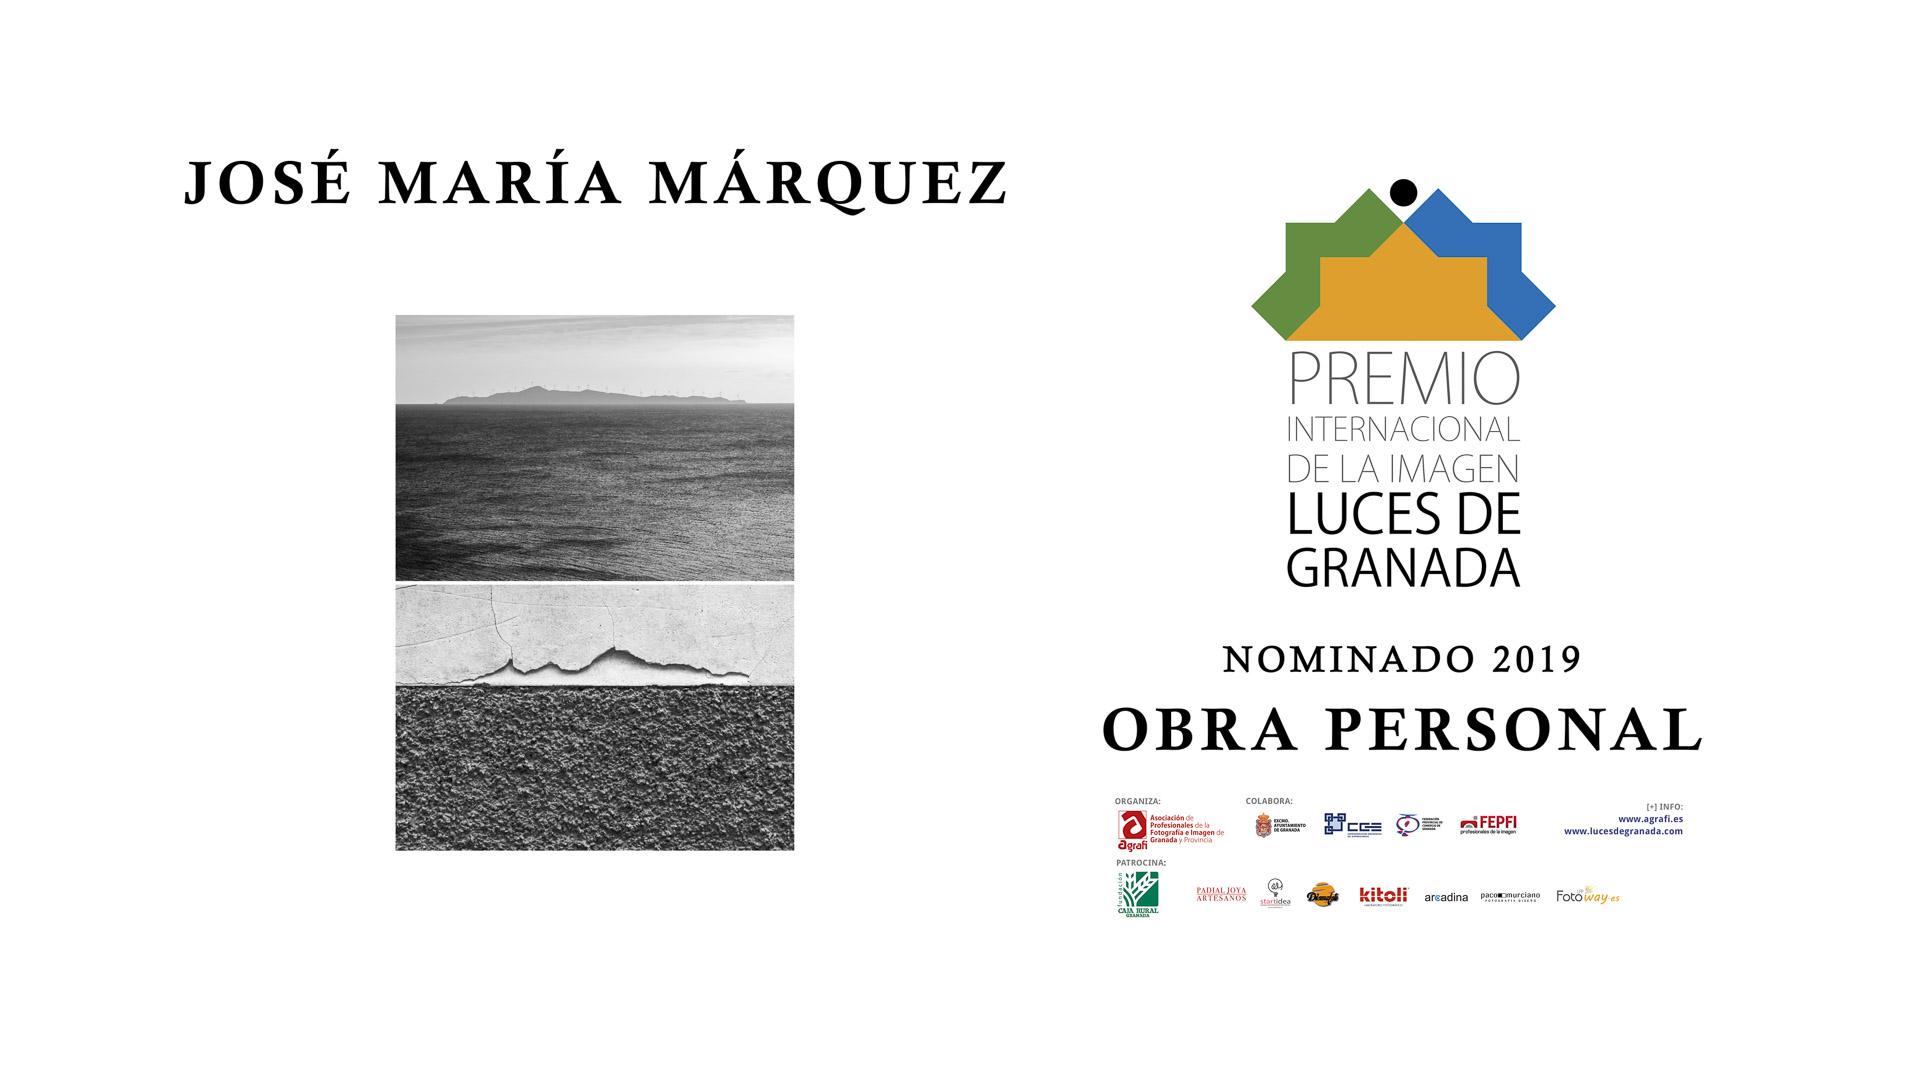 OP26_JOSE MARIA MARQUEZ